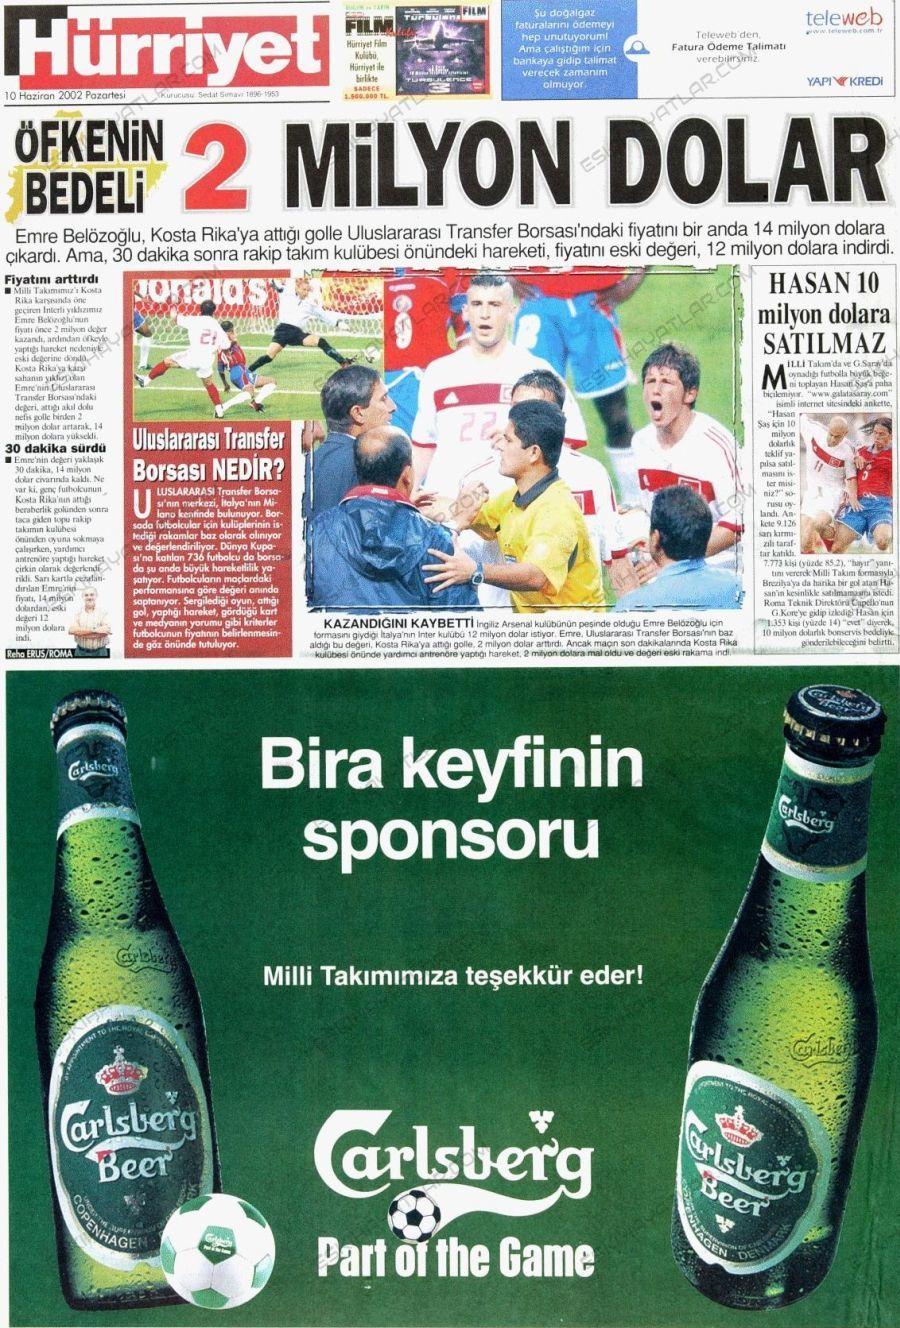 0406-turkiye-a-milli-takimi-2002-dunya-kupasi-hurriyet-gazetesi-carlsberg-reklamlari (2)